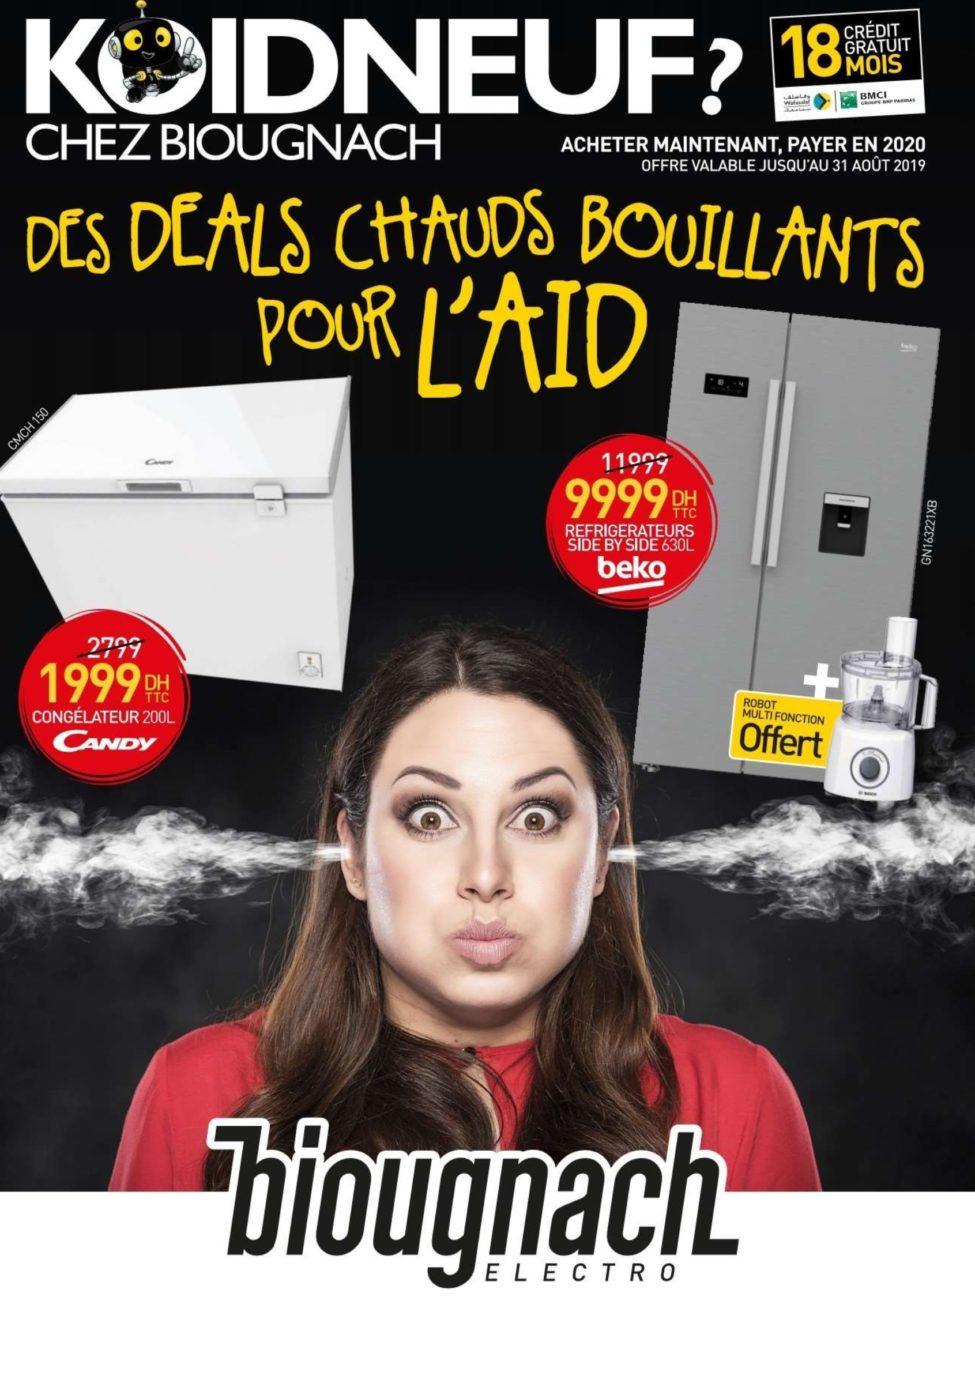 Catalogue Biougnach عيد الأضحى Jusqu'au 31 Août 2019